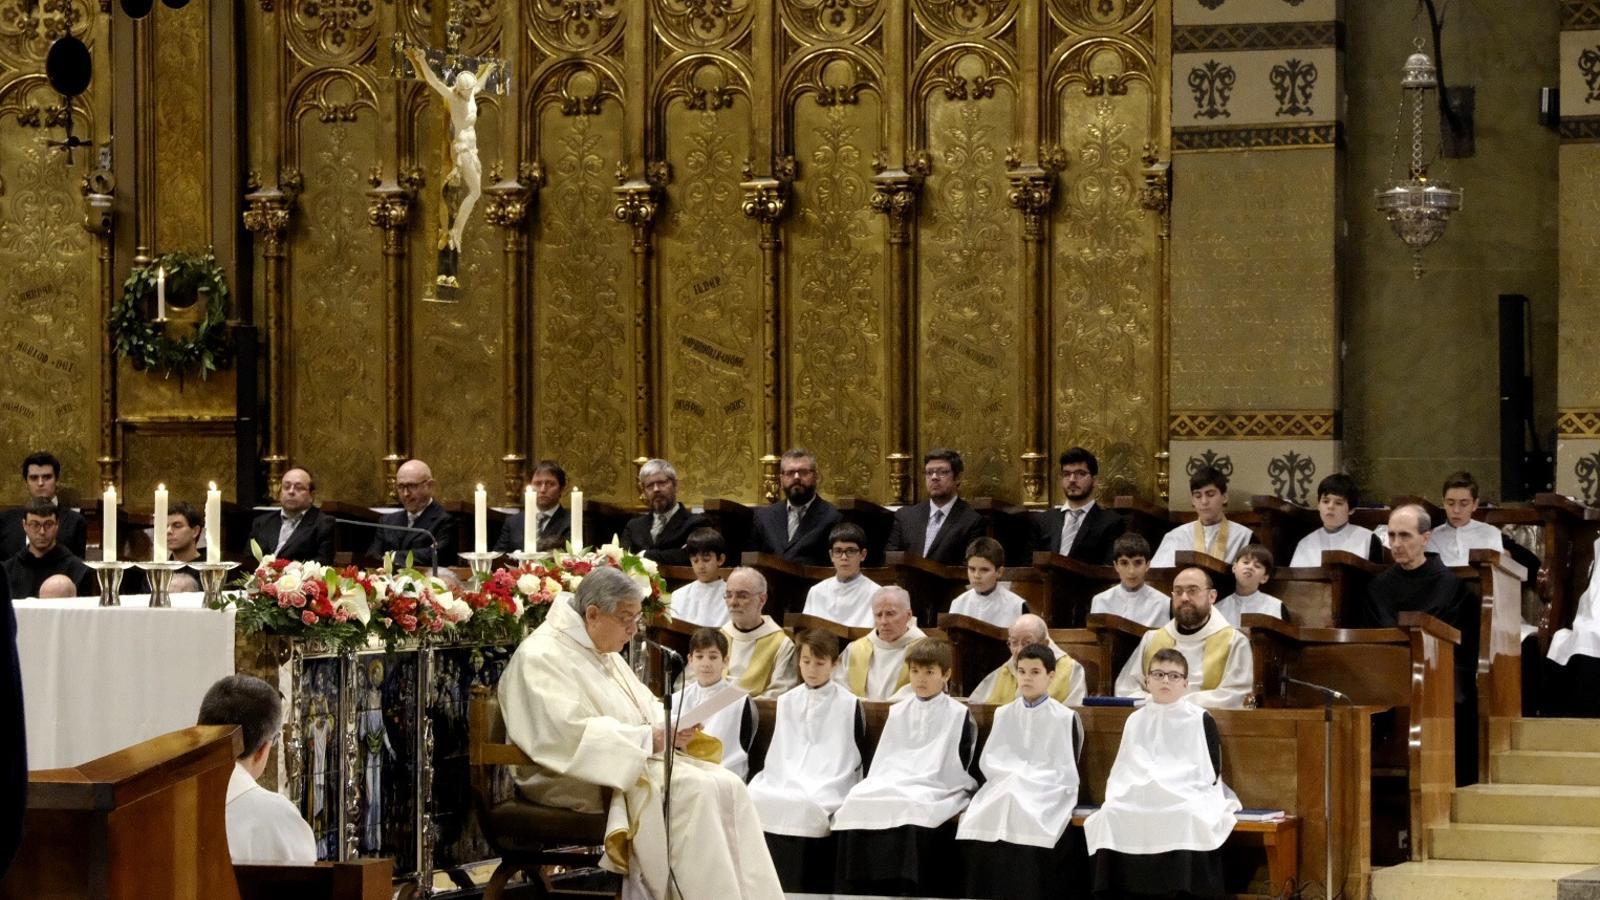 El pare abat de Montserrat demana perdó pels casos d'abusos sexuals al monestir